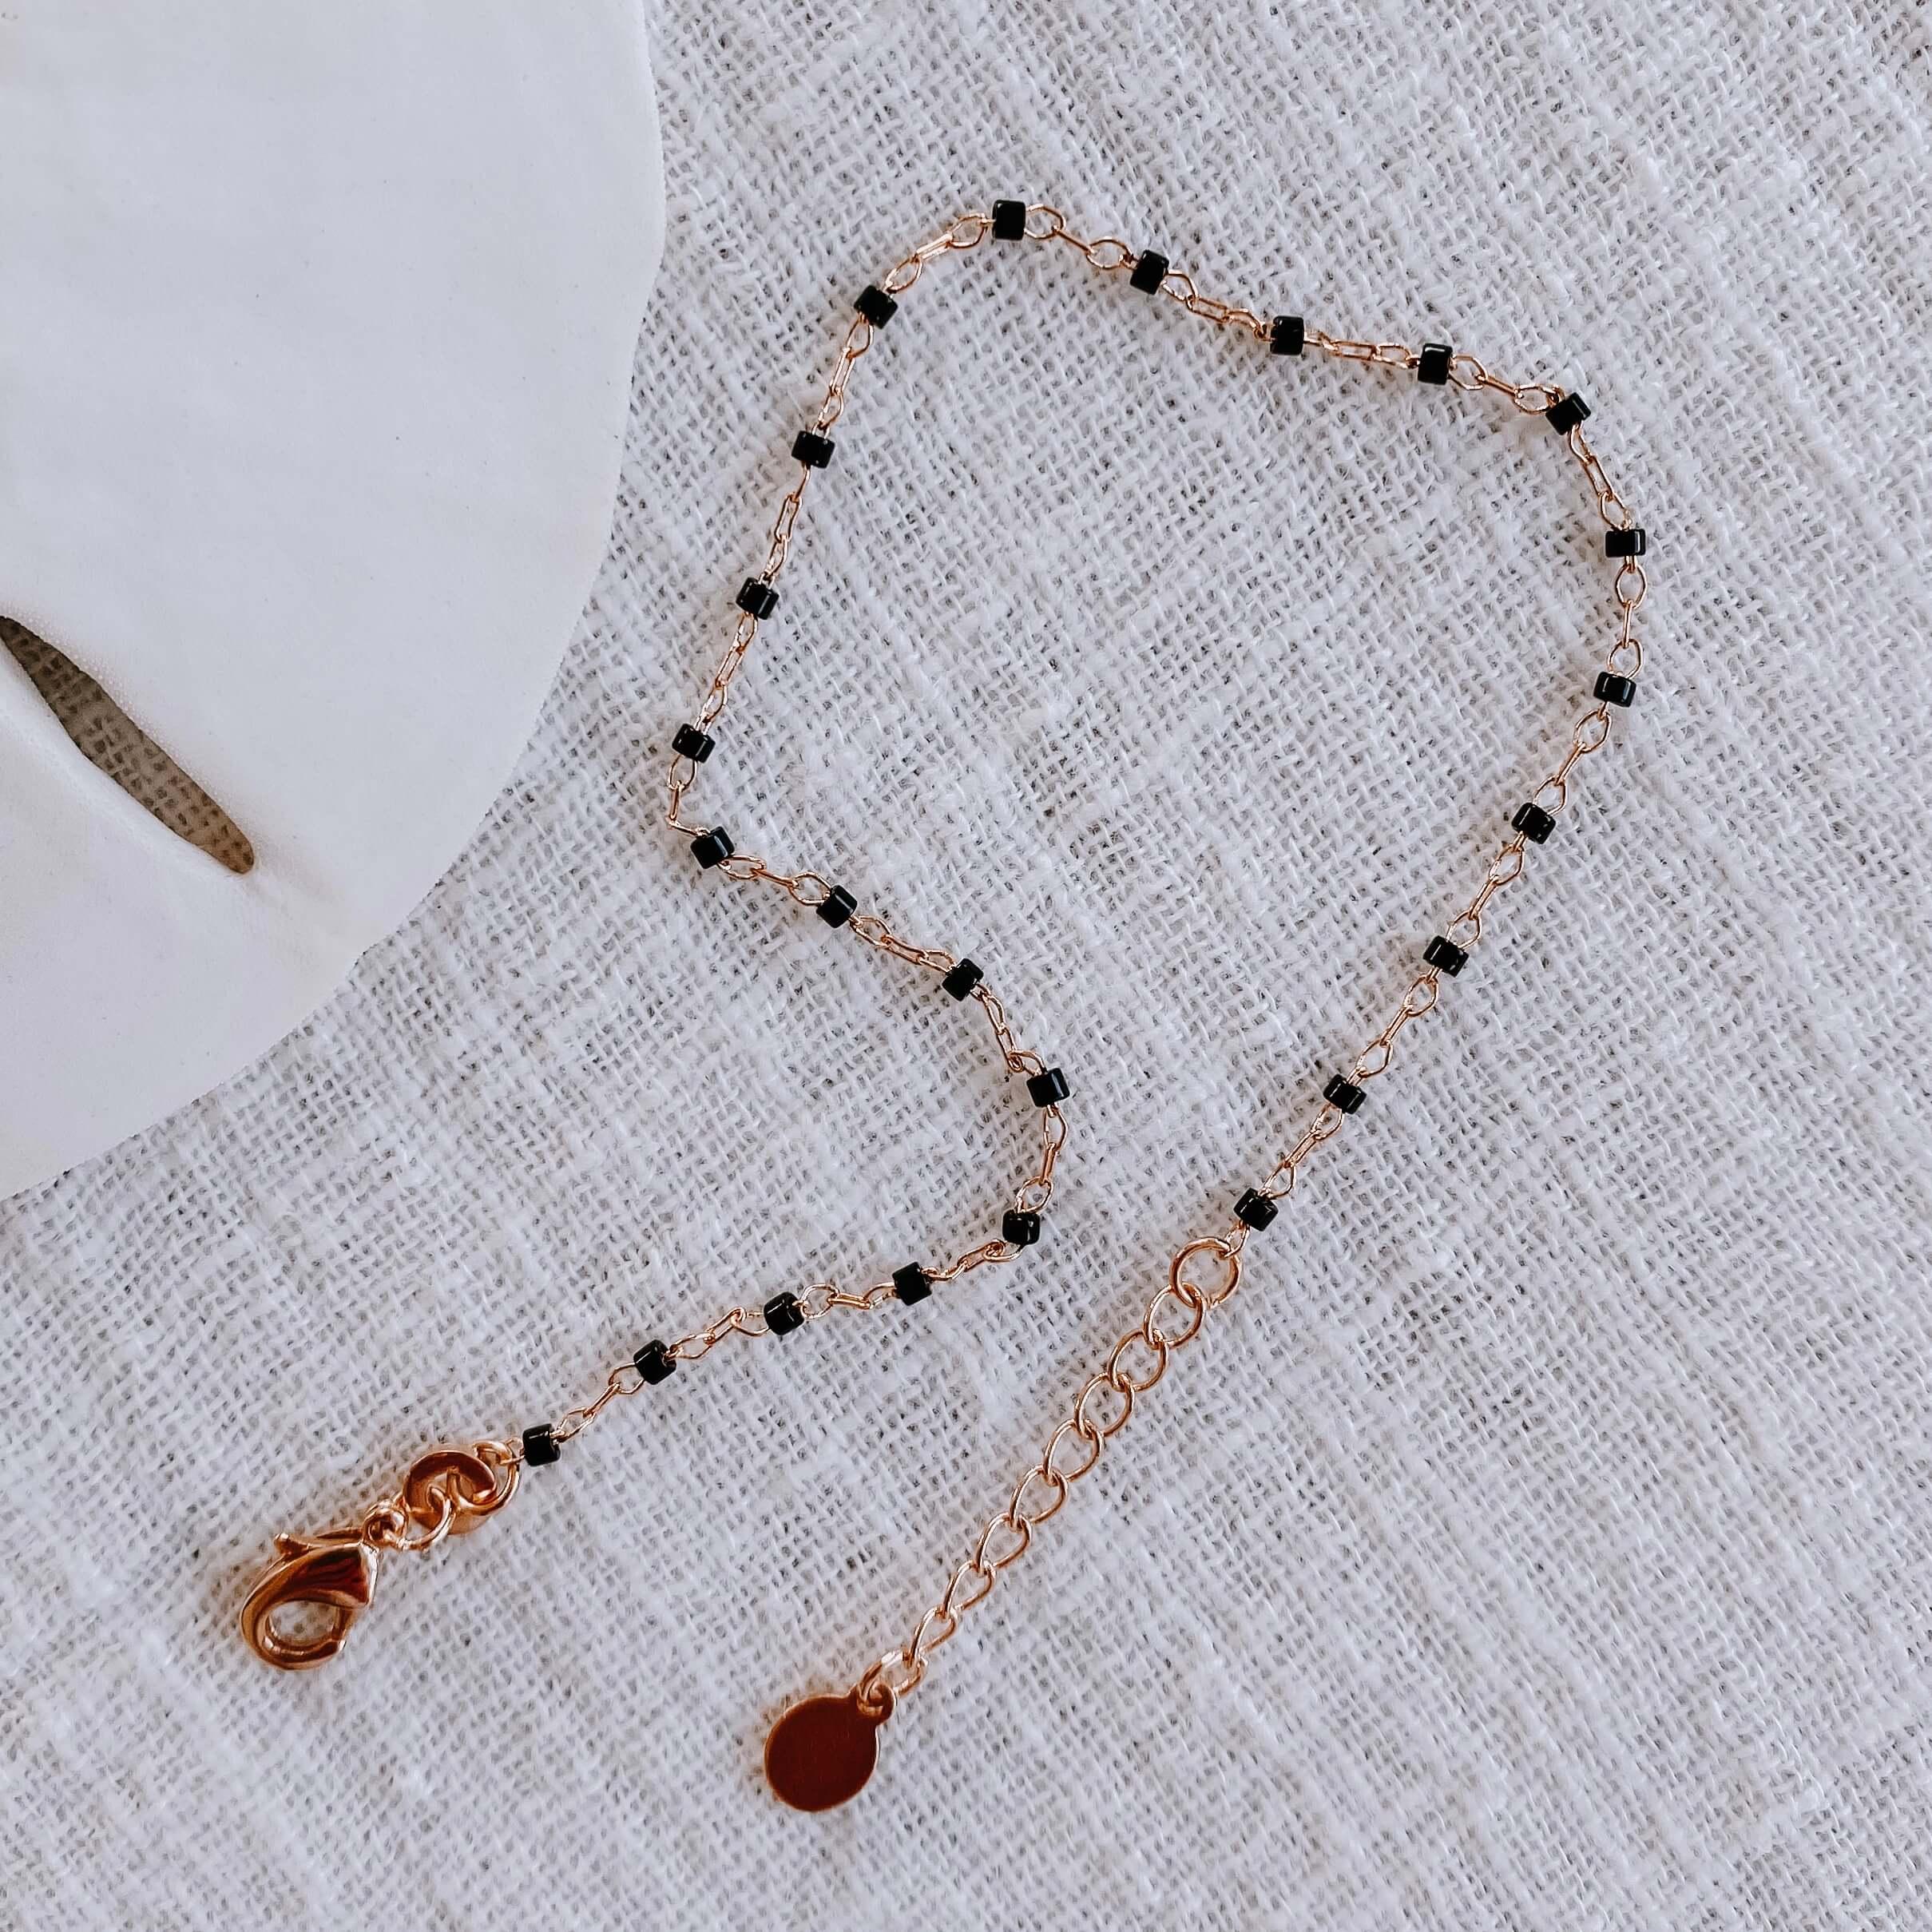 bracelet petites perles miyuki - bracelet perles noires Cénélia - Jana